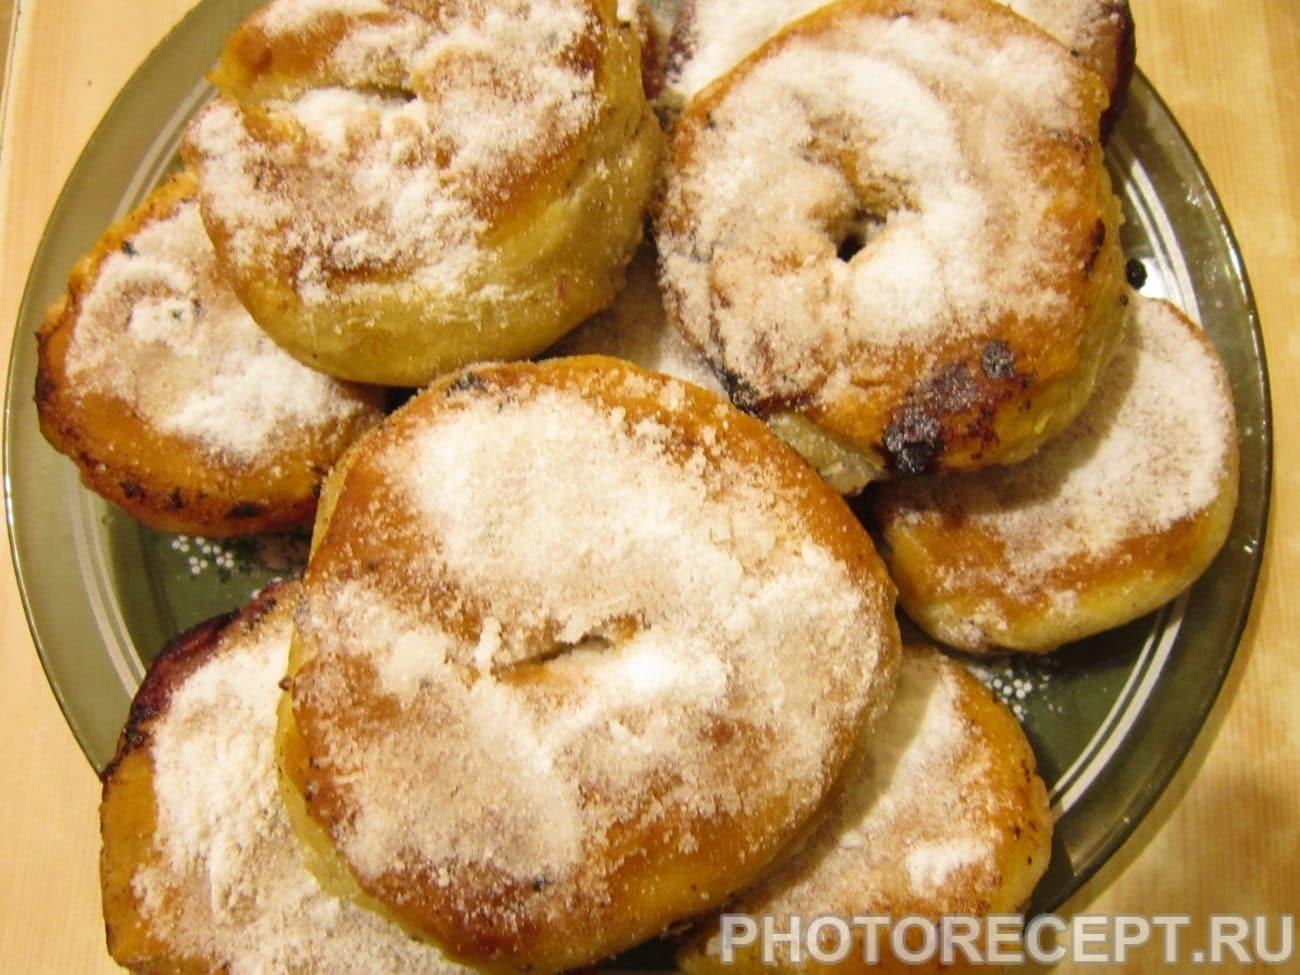 Жареные пончики с ягодами по-вегетариански